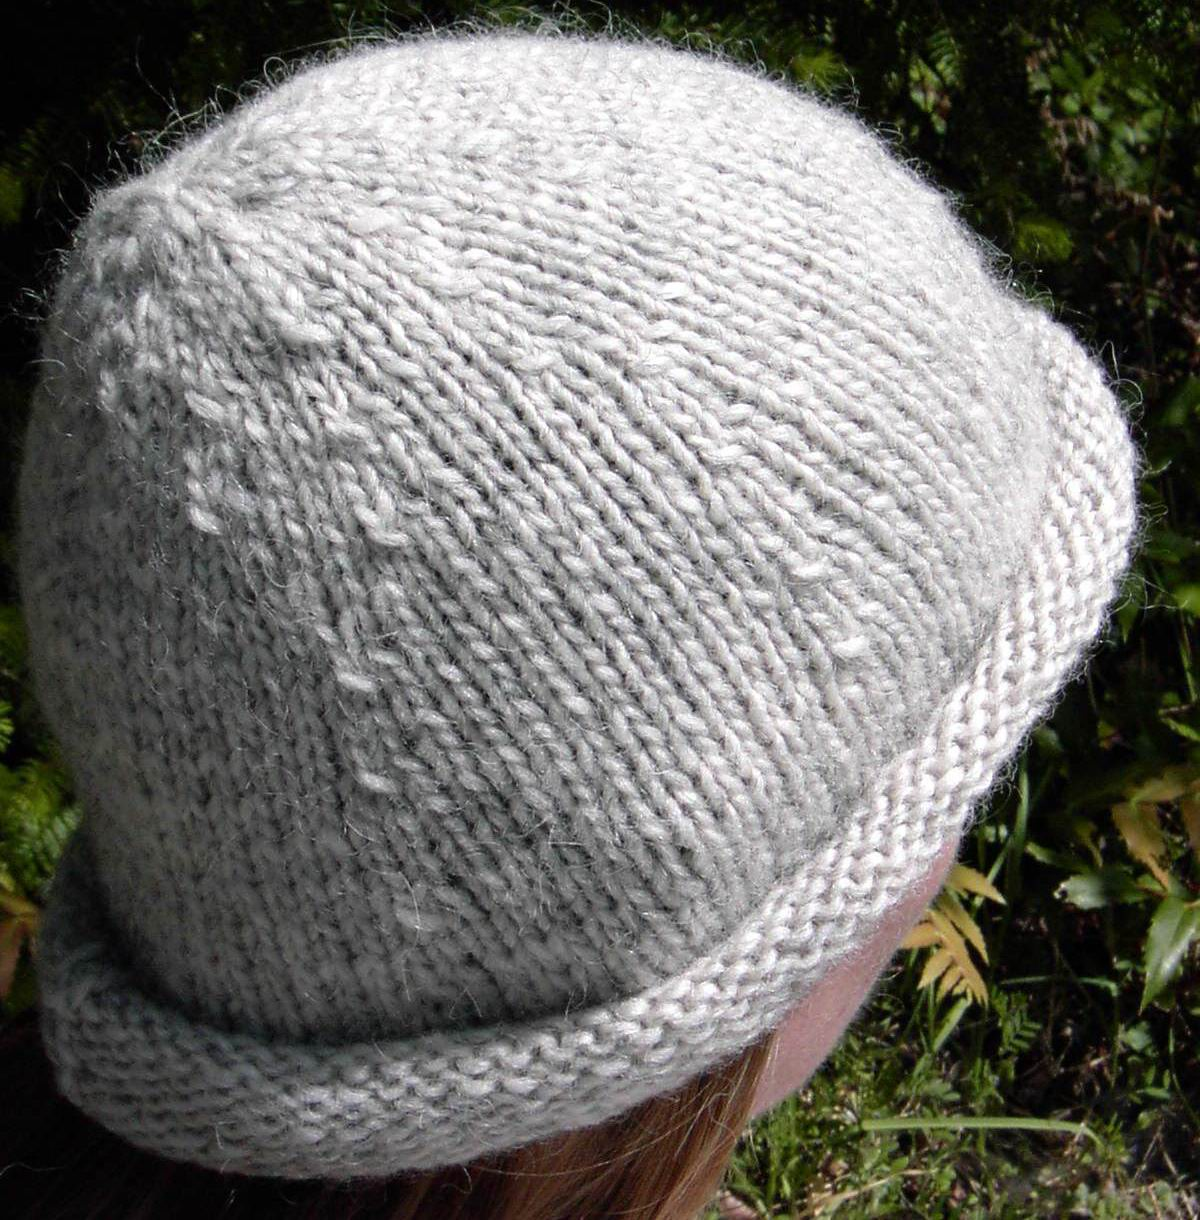 Knitting Patterns Lopi Wool : Lopi Knits on Pinterest Google, Knitting Yarn and Knit Jacket